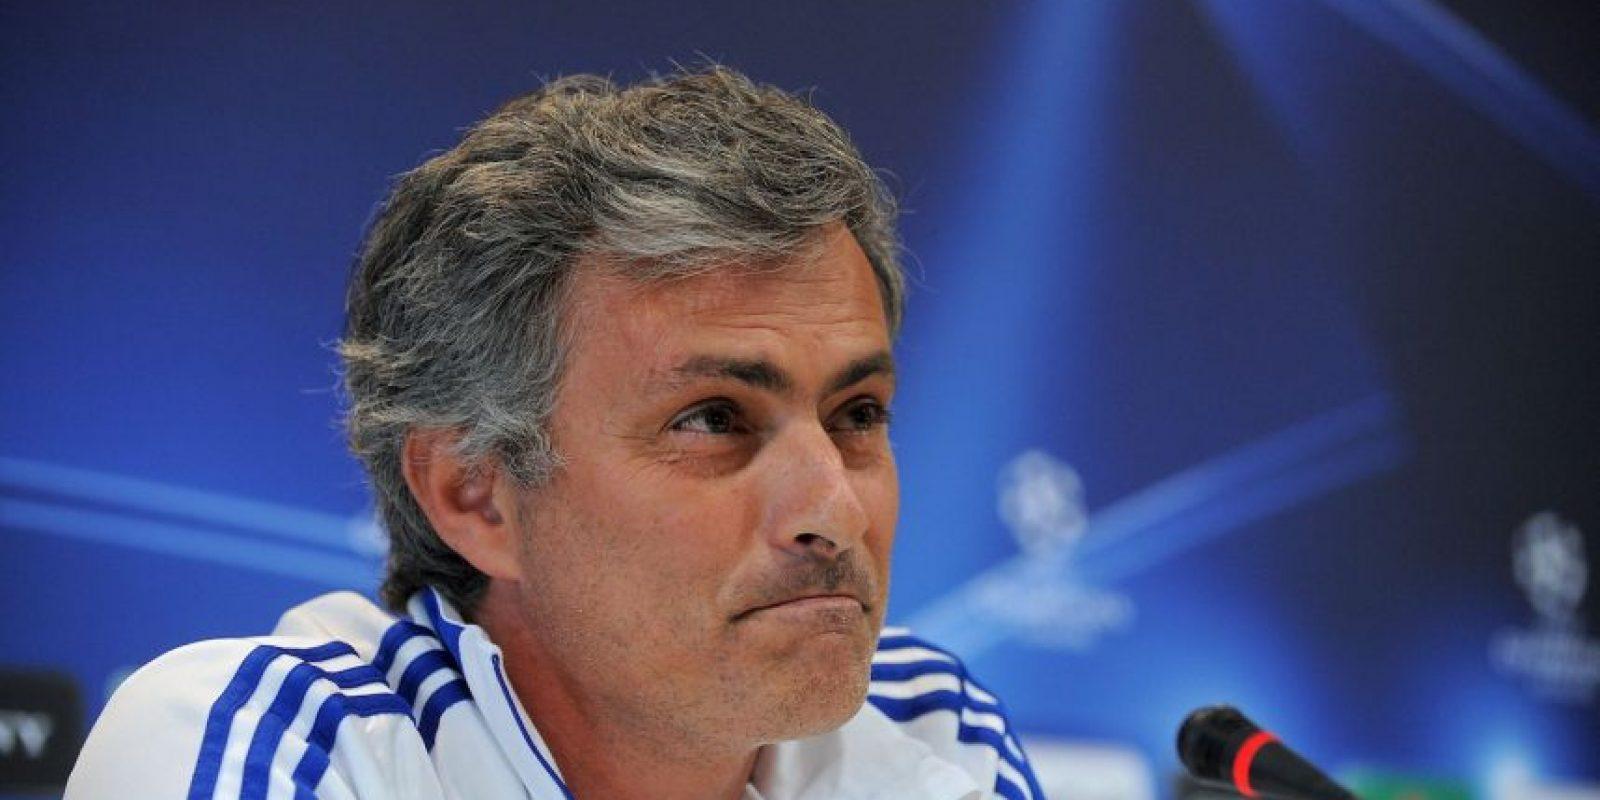 """En 2011, Mourinho criticó a Pep Guardiola y aseguró que sus triunfos eran porque los """"árbitros ayudaban al Barcelona"""": """"Gané dos Ligas de Campeones en el campo con dos equipos que no eran el Barcelona. Con el Oporto, de un país que normalmente no ganaba, y con el Inter, que no la ganaba desde hacía 50 años y no era candidato. Ganamos con trabajo, orgullo, esfuerzo y sudor"""", expresó """"Mou"""". Foto:Getty Images"""